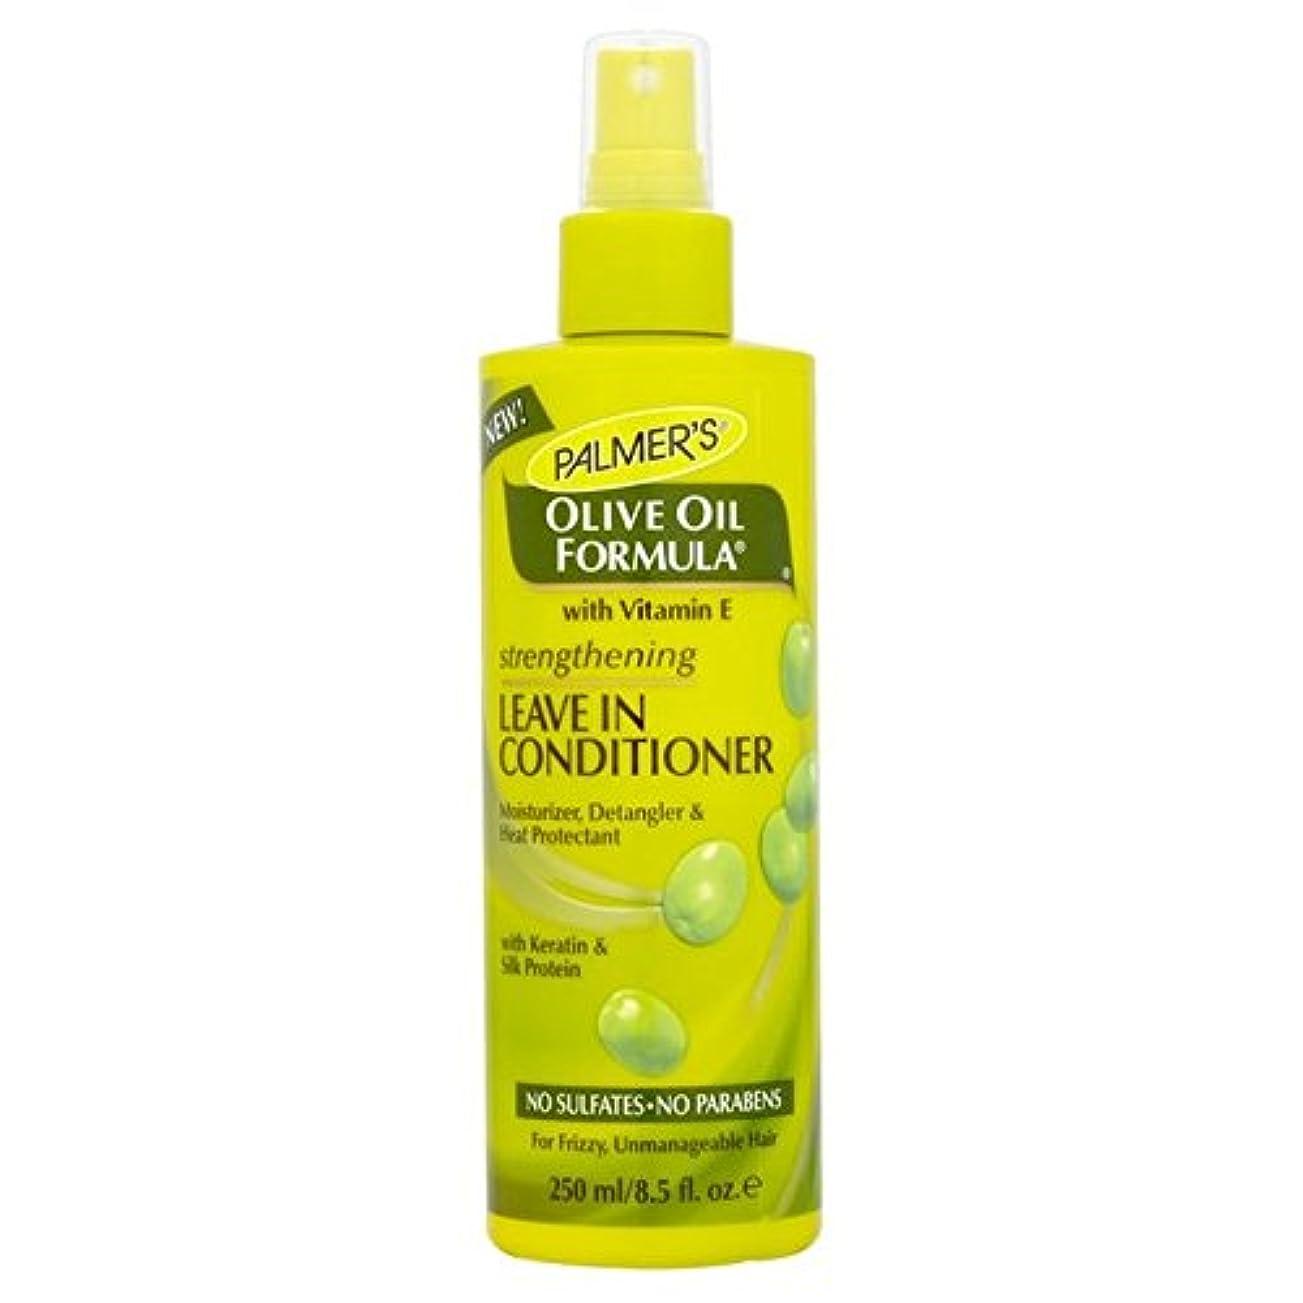 正気集まる病なPalmer's Olive Oil Formula Strengthening Leave-in Conditioner 250ml (Pack of 6) - リーブインコンディショナー250を強化パーマーのオリーブオイル式 x6 [並行輸入品]